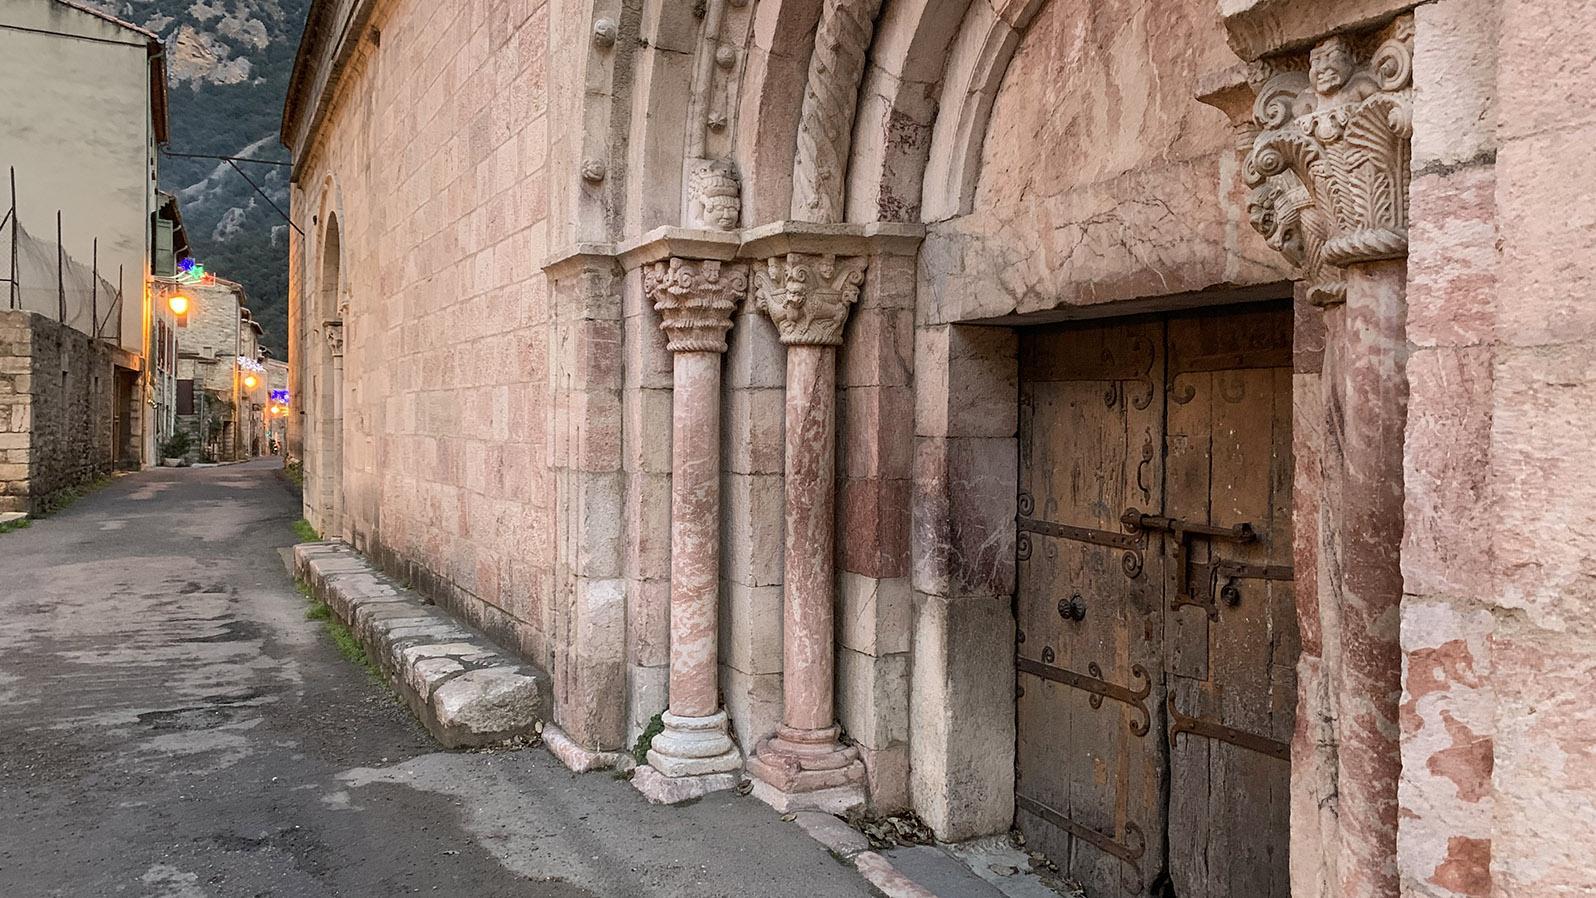 Villefranche-de-Conflent: Mit einfachen Steinschnitzereien geschmückt - die Pfarrkirche. Foto: Hilke Maunder